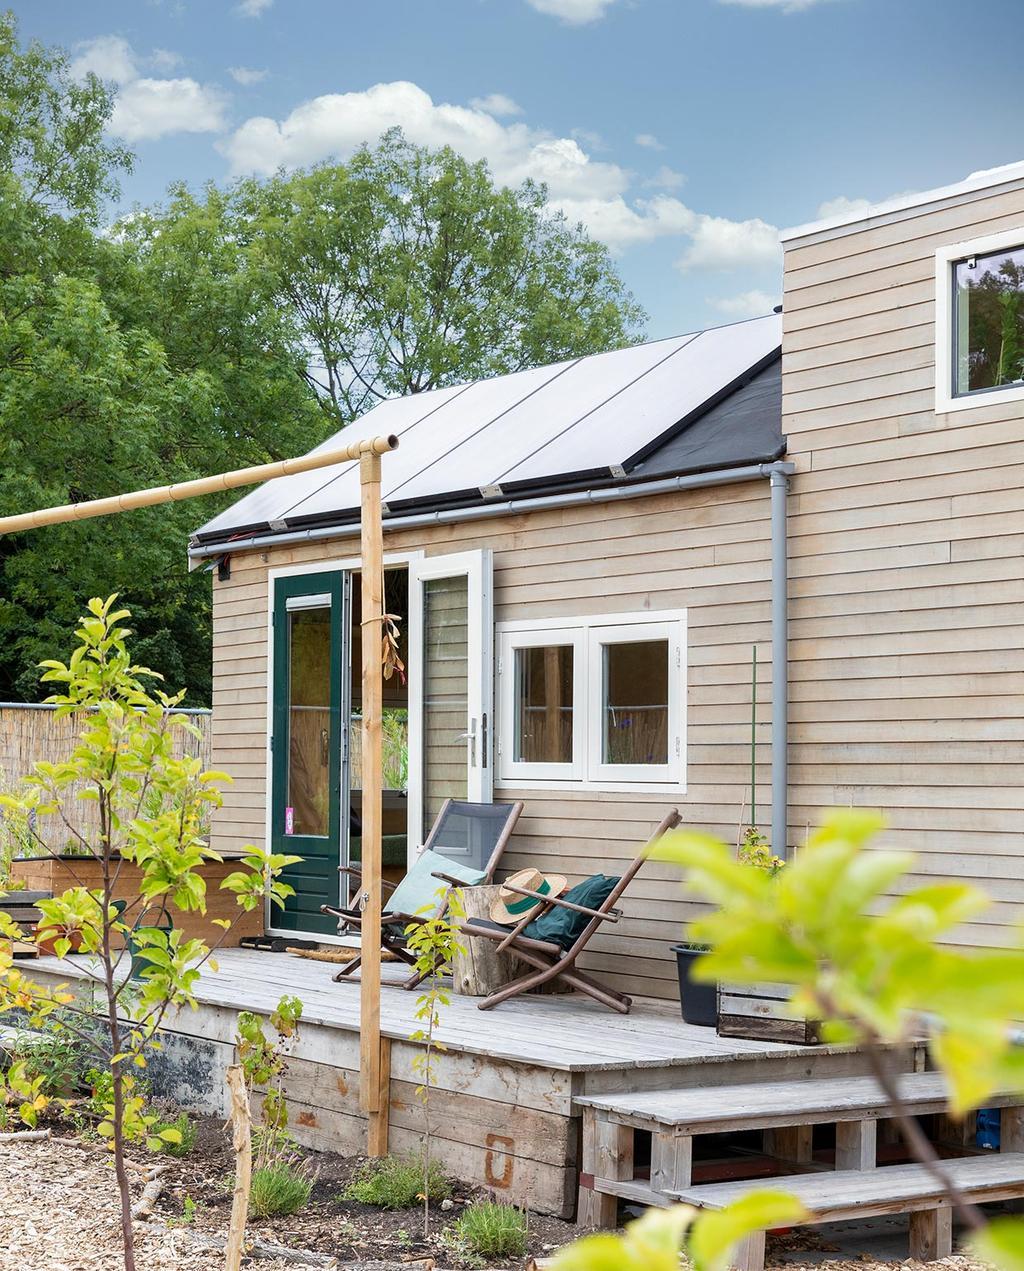 vtwonen special tiny houses | huis van 18m2 met zonnepanelen en tuin